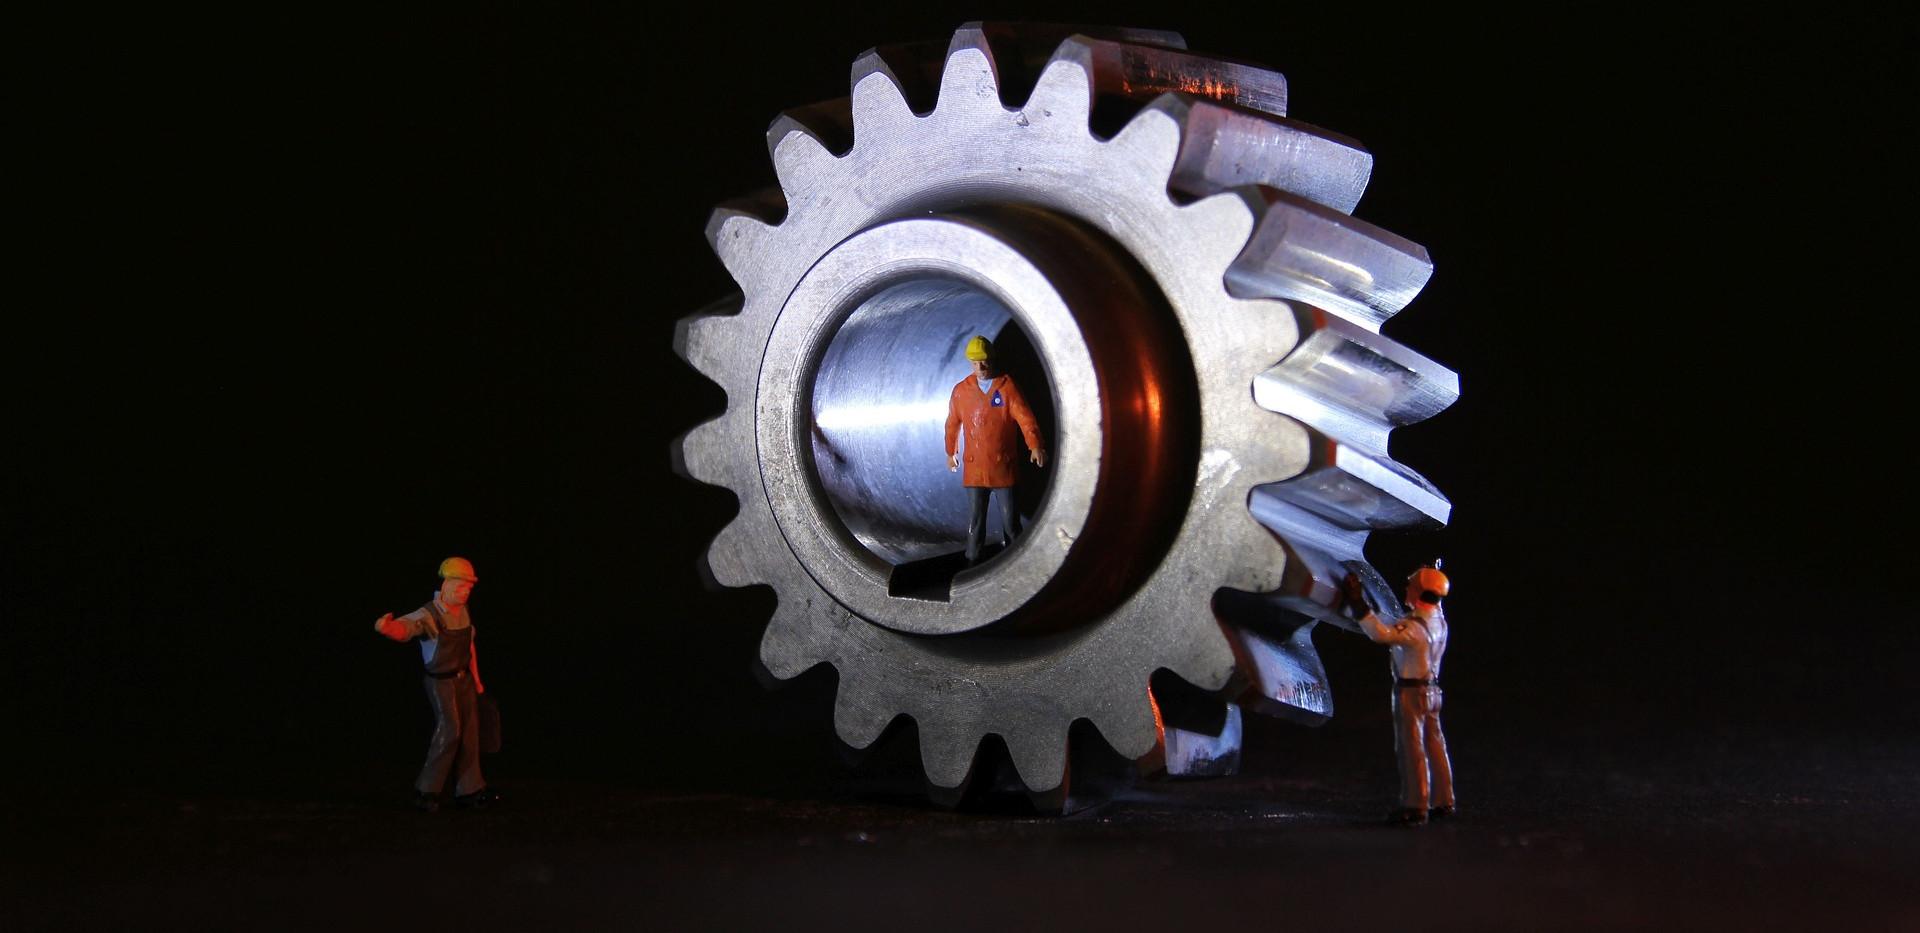 mechanical-engineering-2993310_1920.jpg